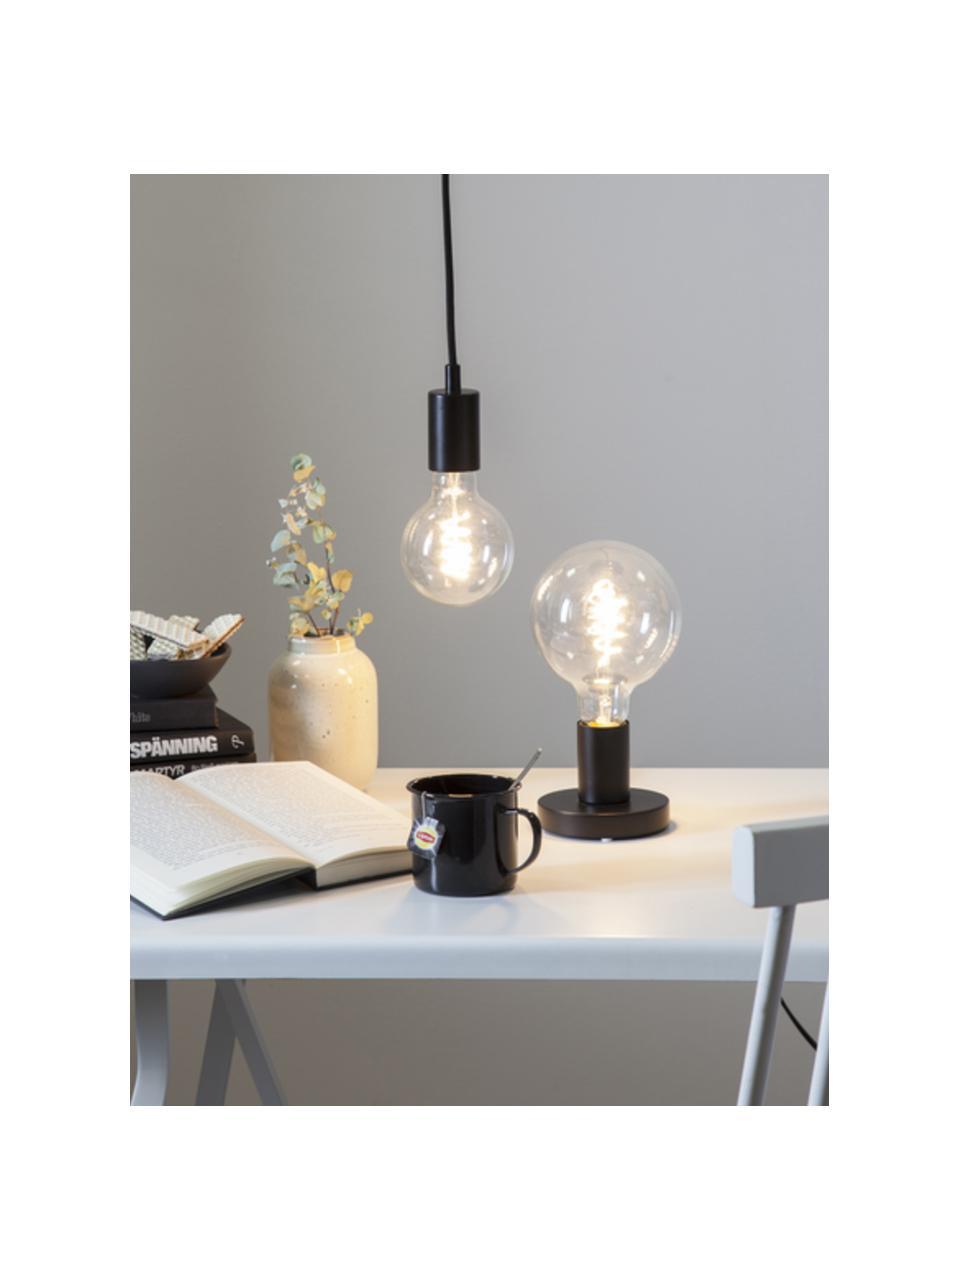 E27 Leuchtmittel, 270lm, dimmbar, warmweiß, 1 Stück, Leuchtmittelschirm: Glas, Leuchtmittelfassung: Aluminium, Transparent, Ø 10 x H 14 cm